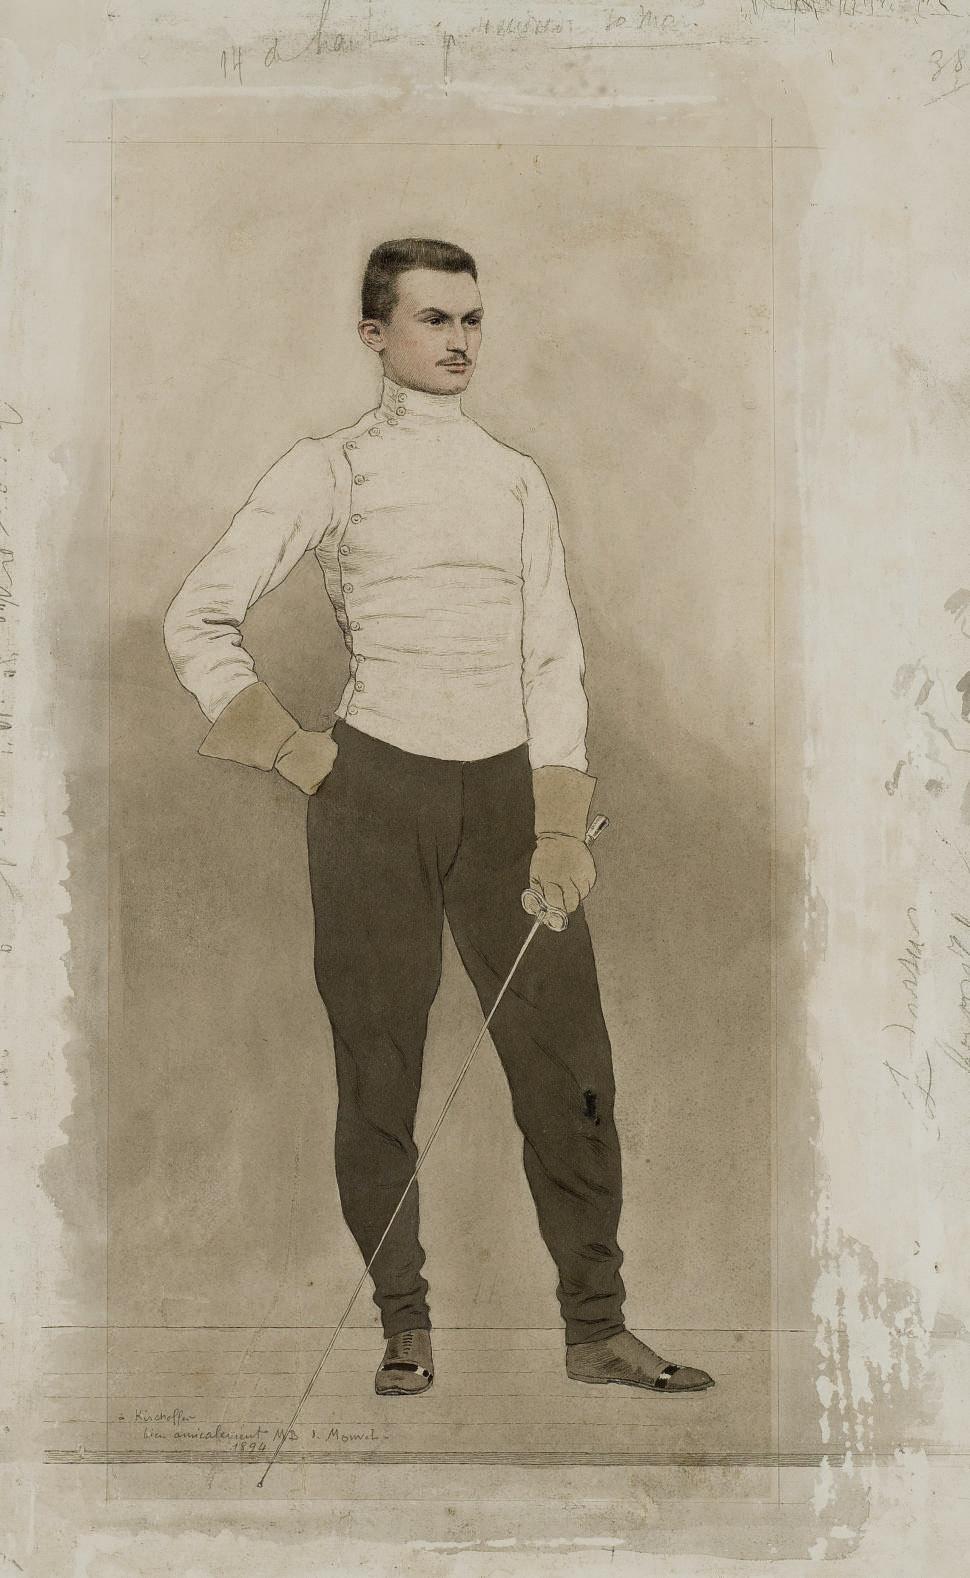 Portrait du maître d'armes Kirchhoffer